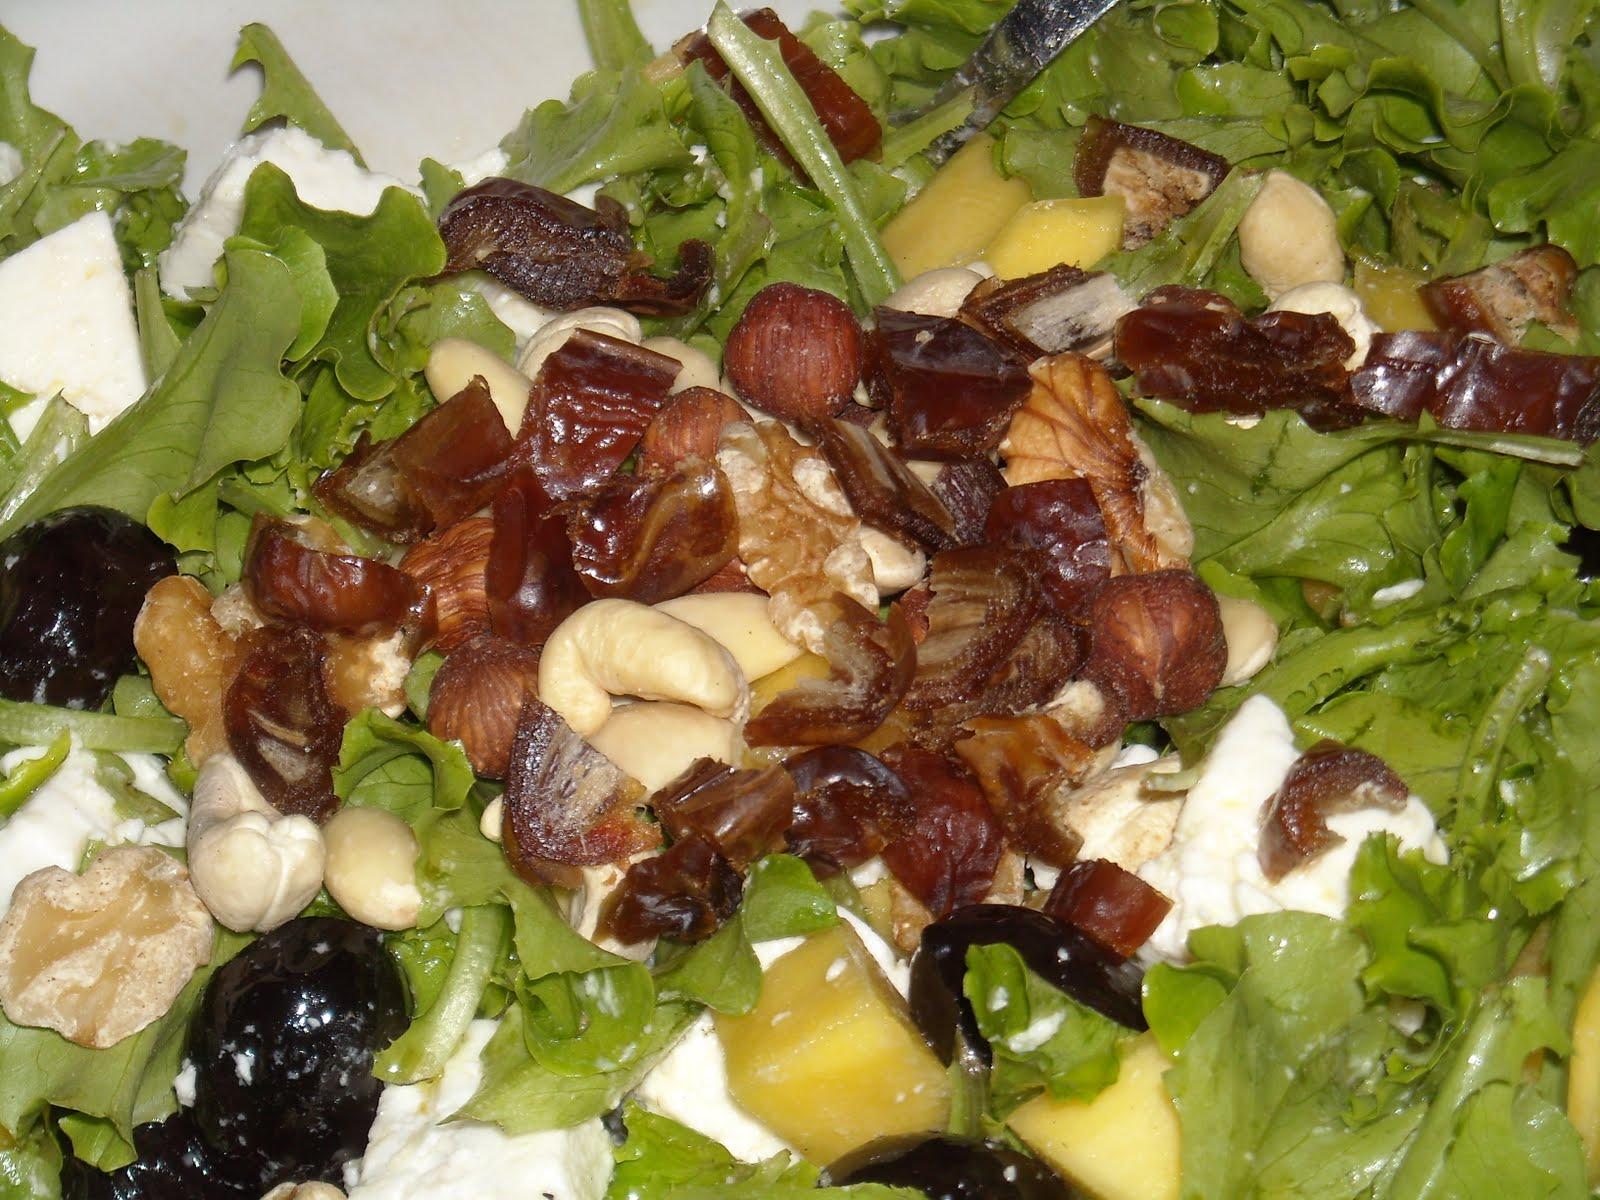 Ricette: condimento per insalate fatto in casa